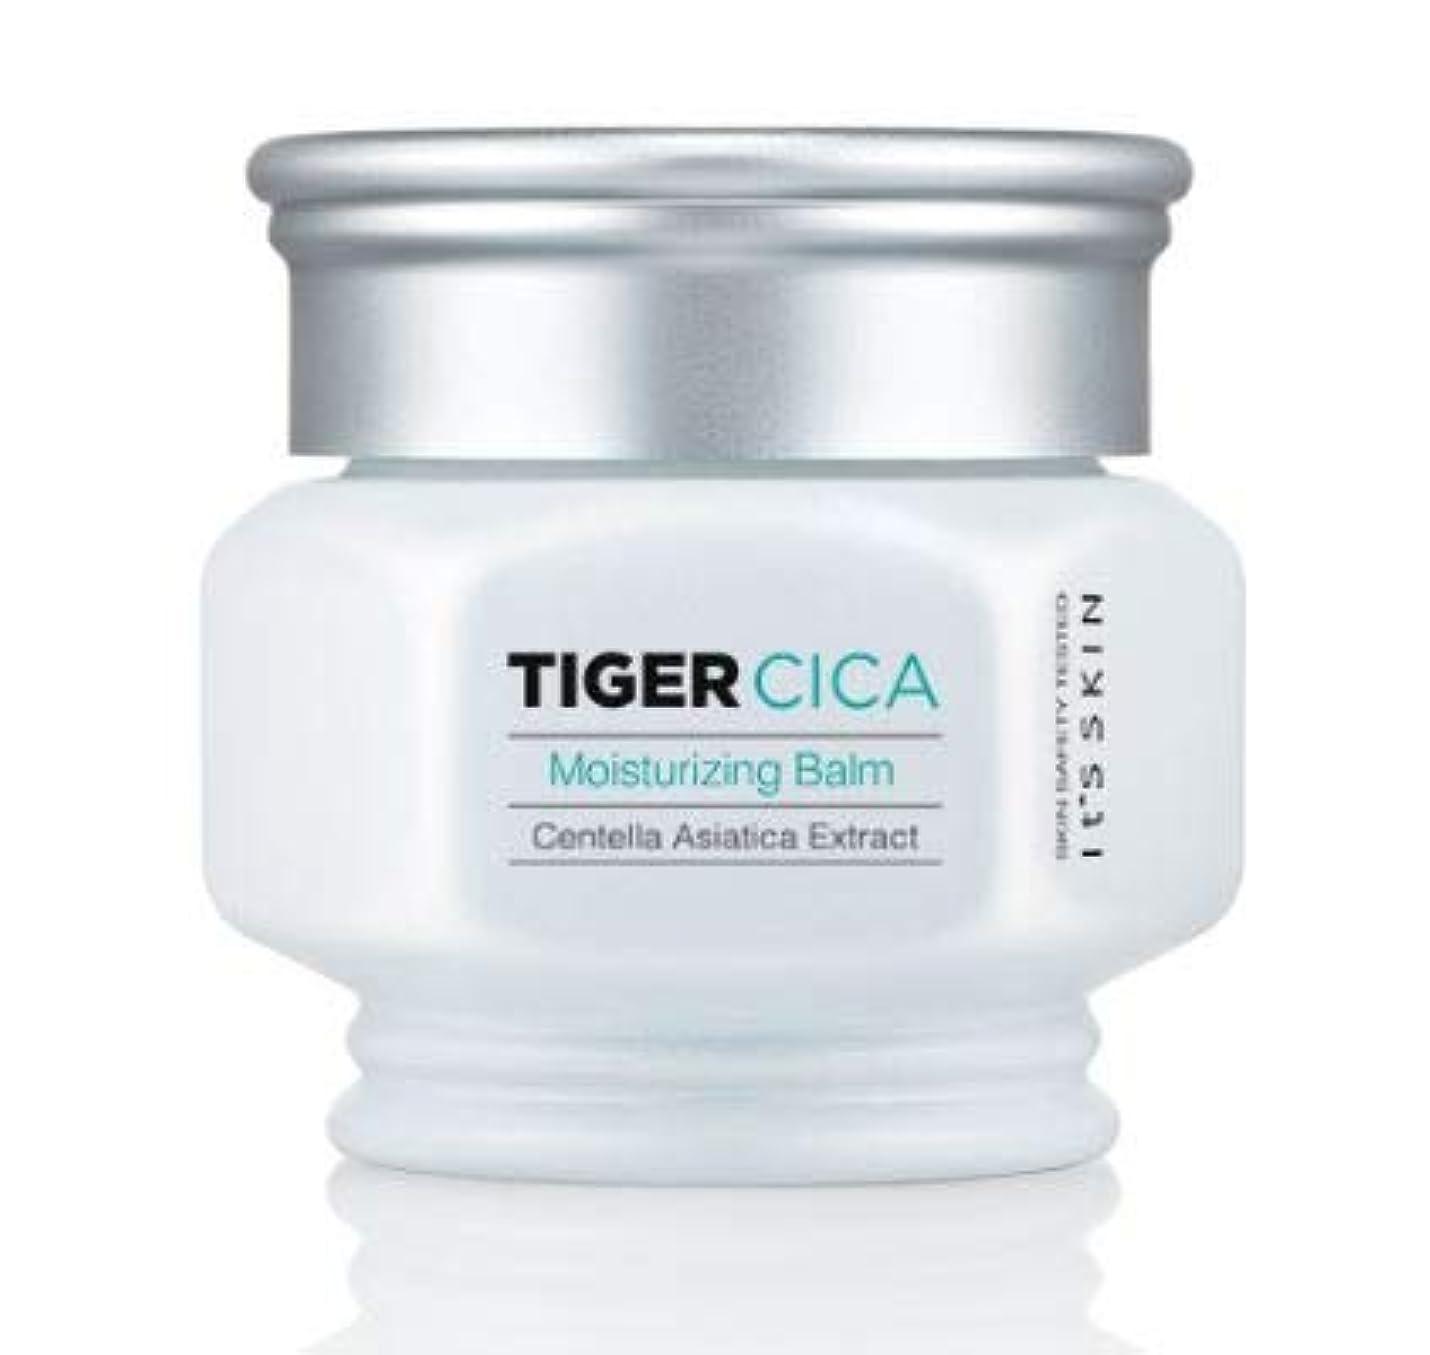 ビル不従順ドライ[It's Skin] Tiger Cica Moisturizing Balm 50ml /[イッツスキン] タイガーシカ モイスチャライジング バーム 50ml [並行輸入品]